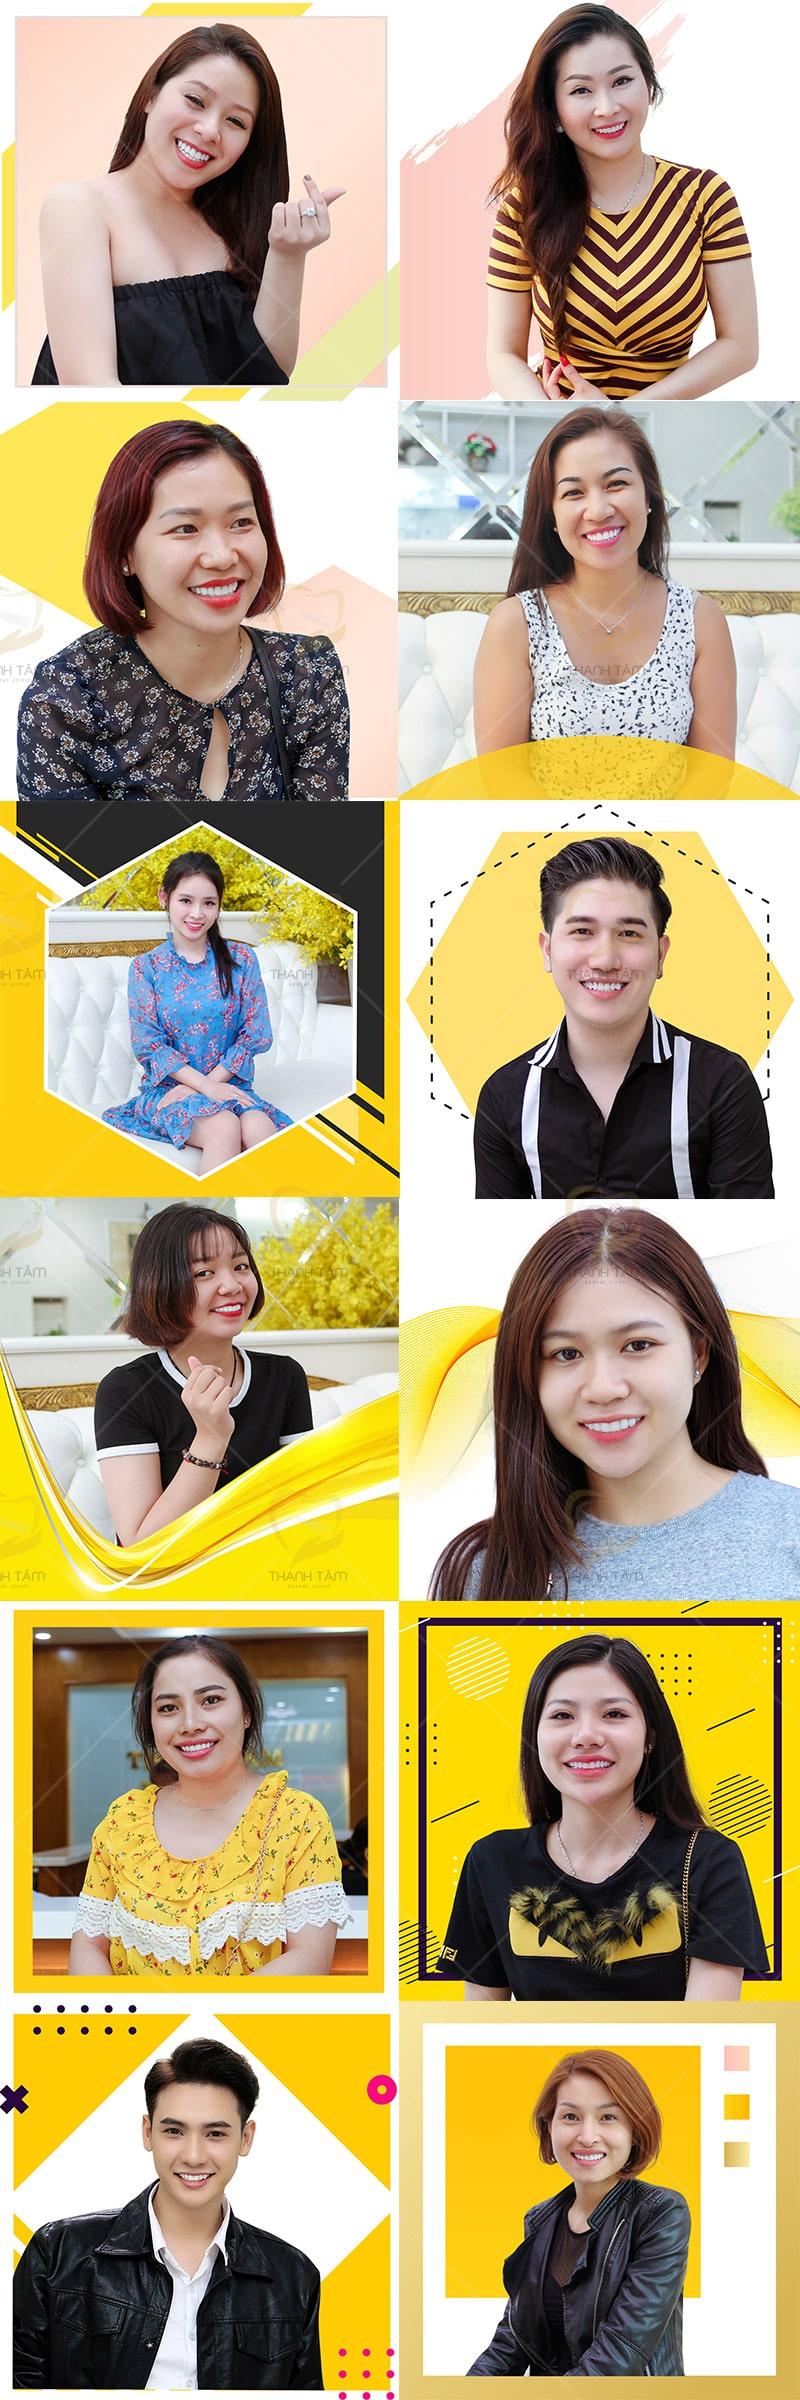 hình ảnh khách hàng bọc răng sứ tại nha khao Thanh Tâm